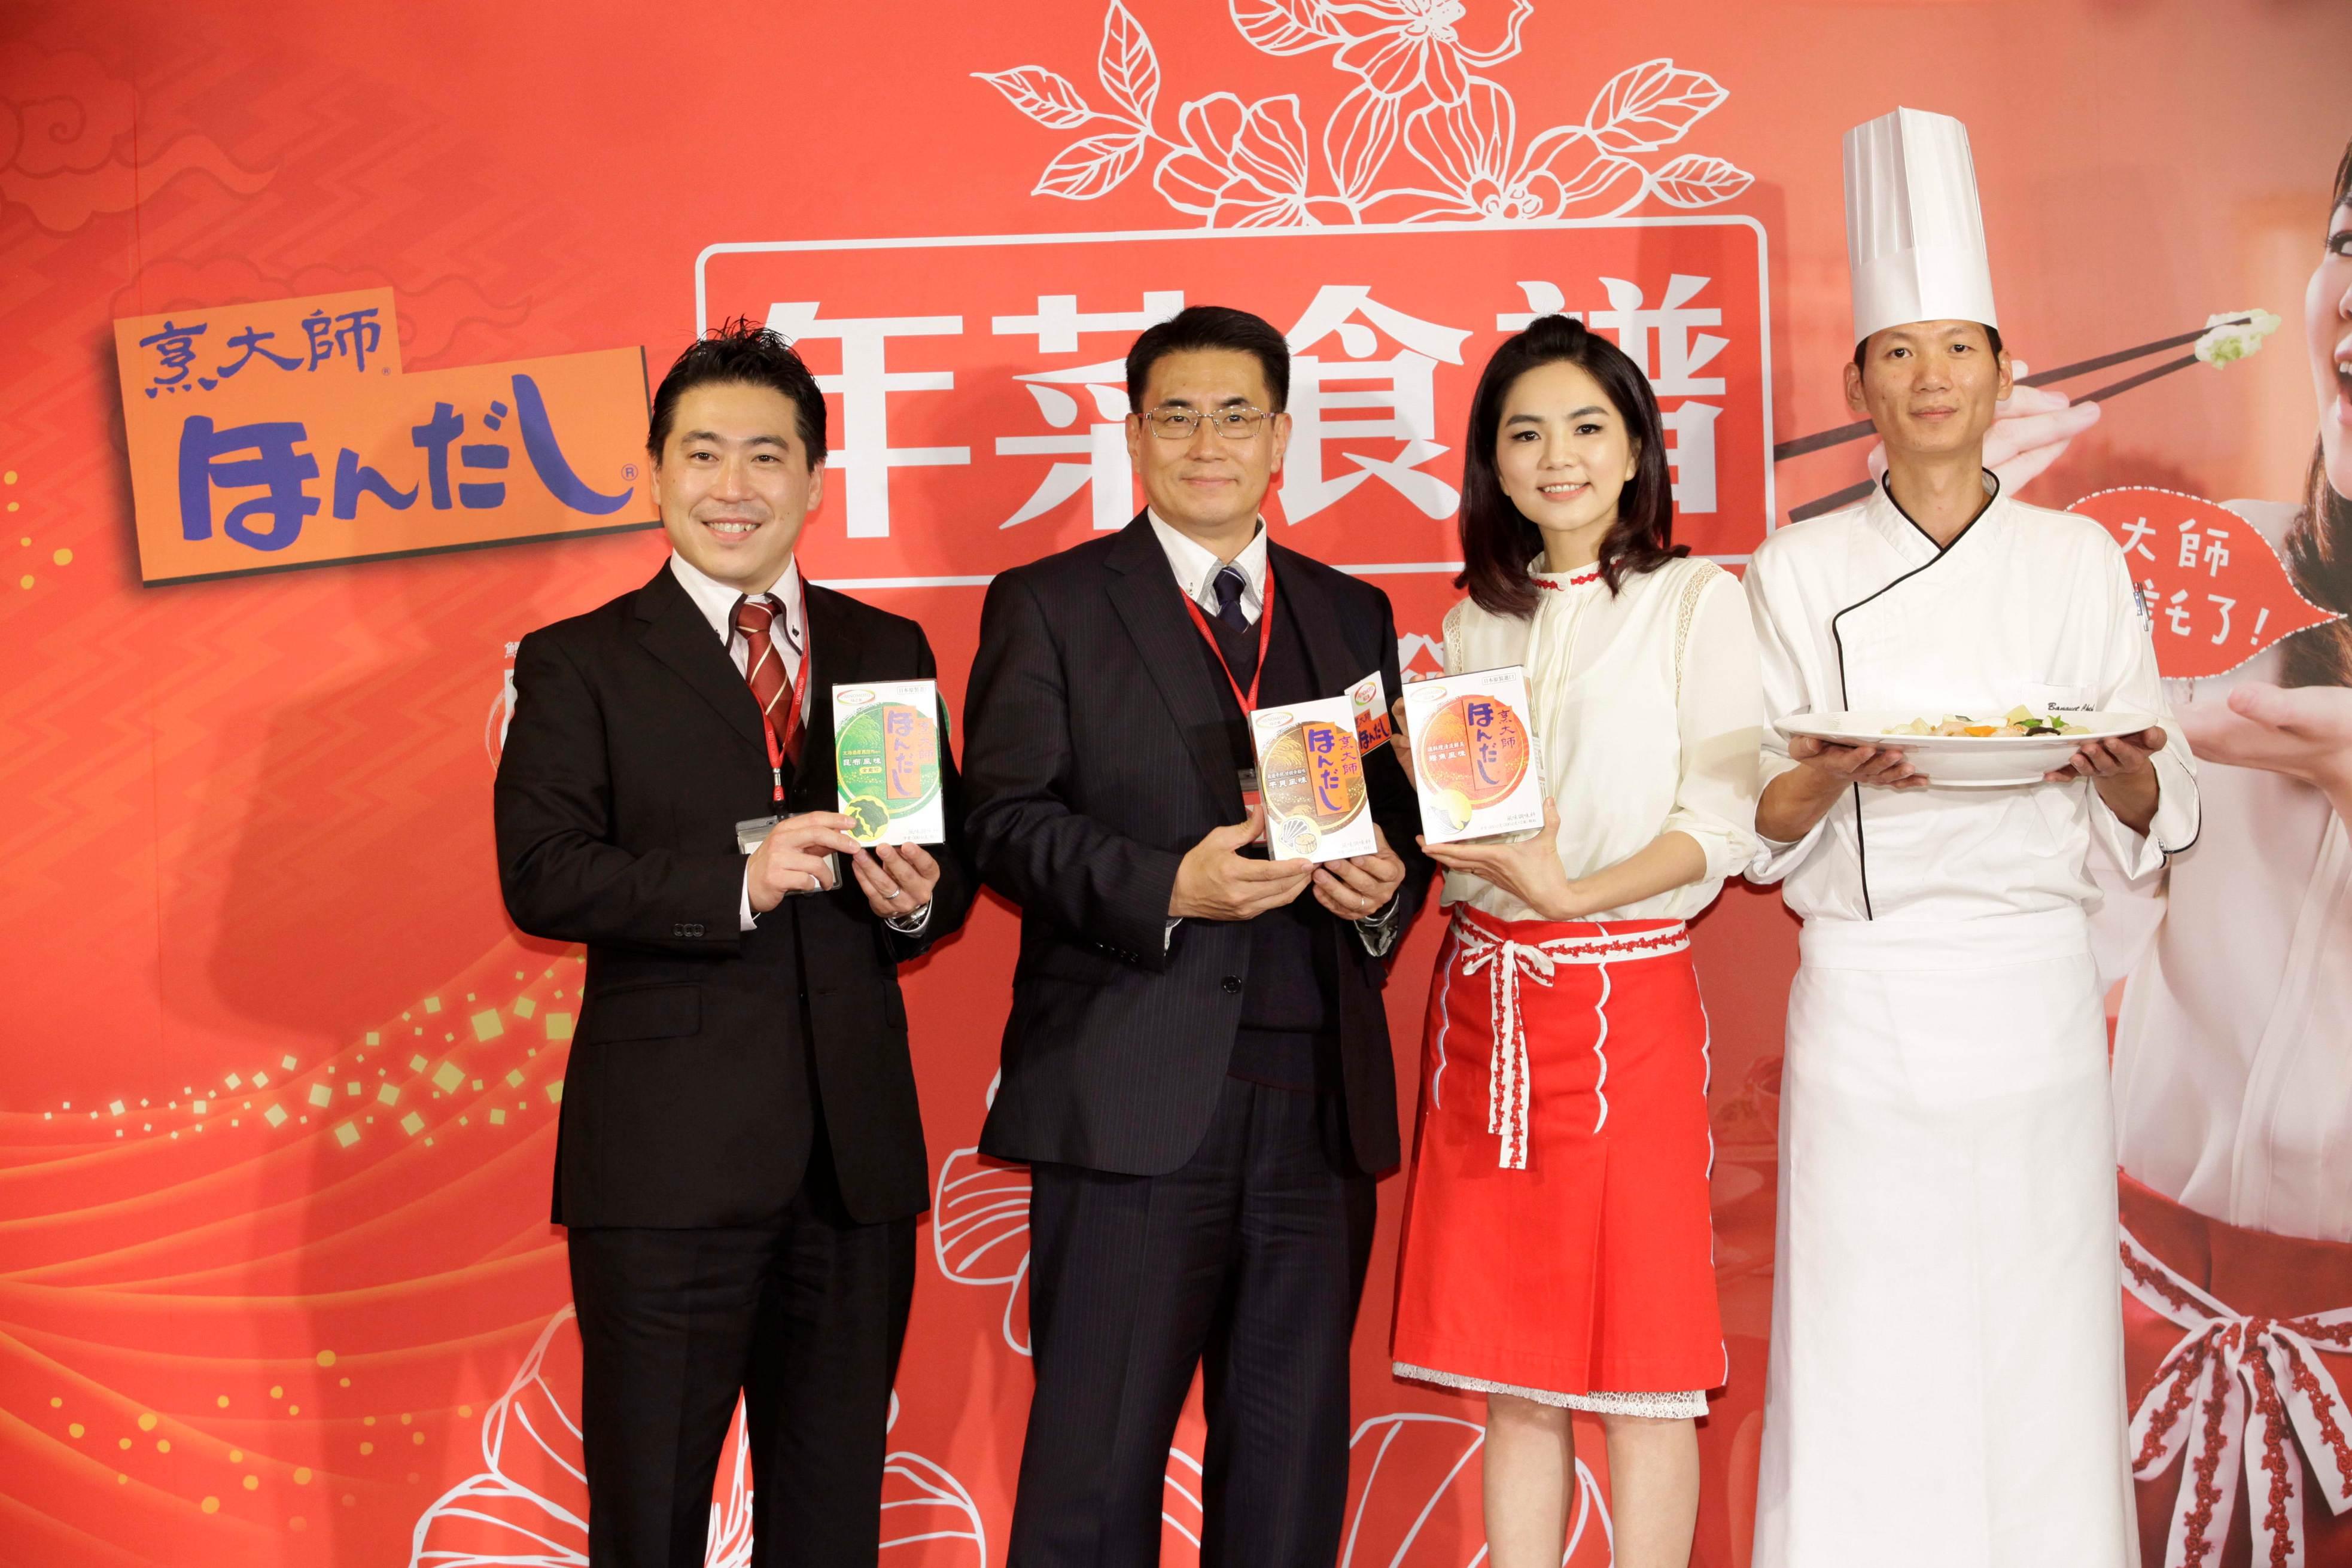 台灣味之素烹大師_年菜食譜發表會 左起加野俊哉經理、中西良一總經理、Ella、晶華行政副主廚吳俊煌